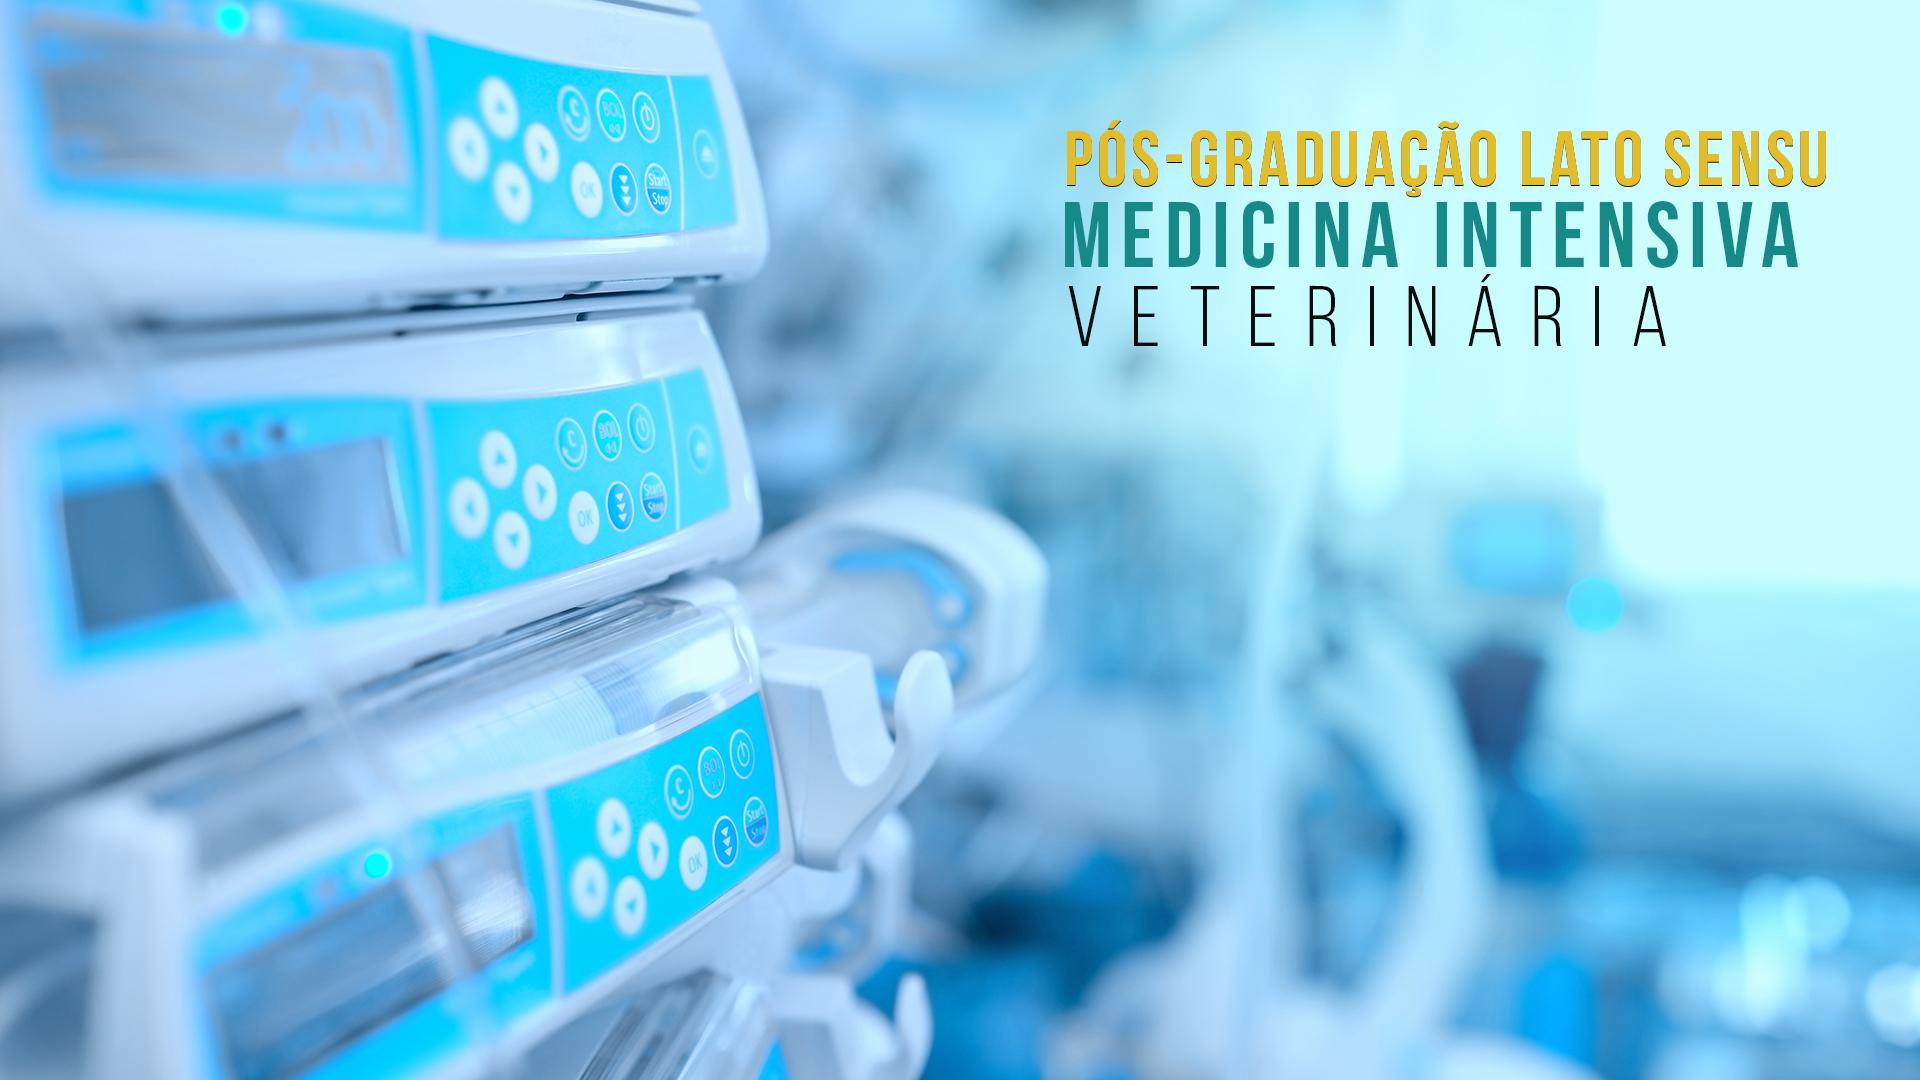 Pós Graduação em Medicina Intensiva Veterinária